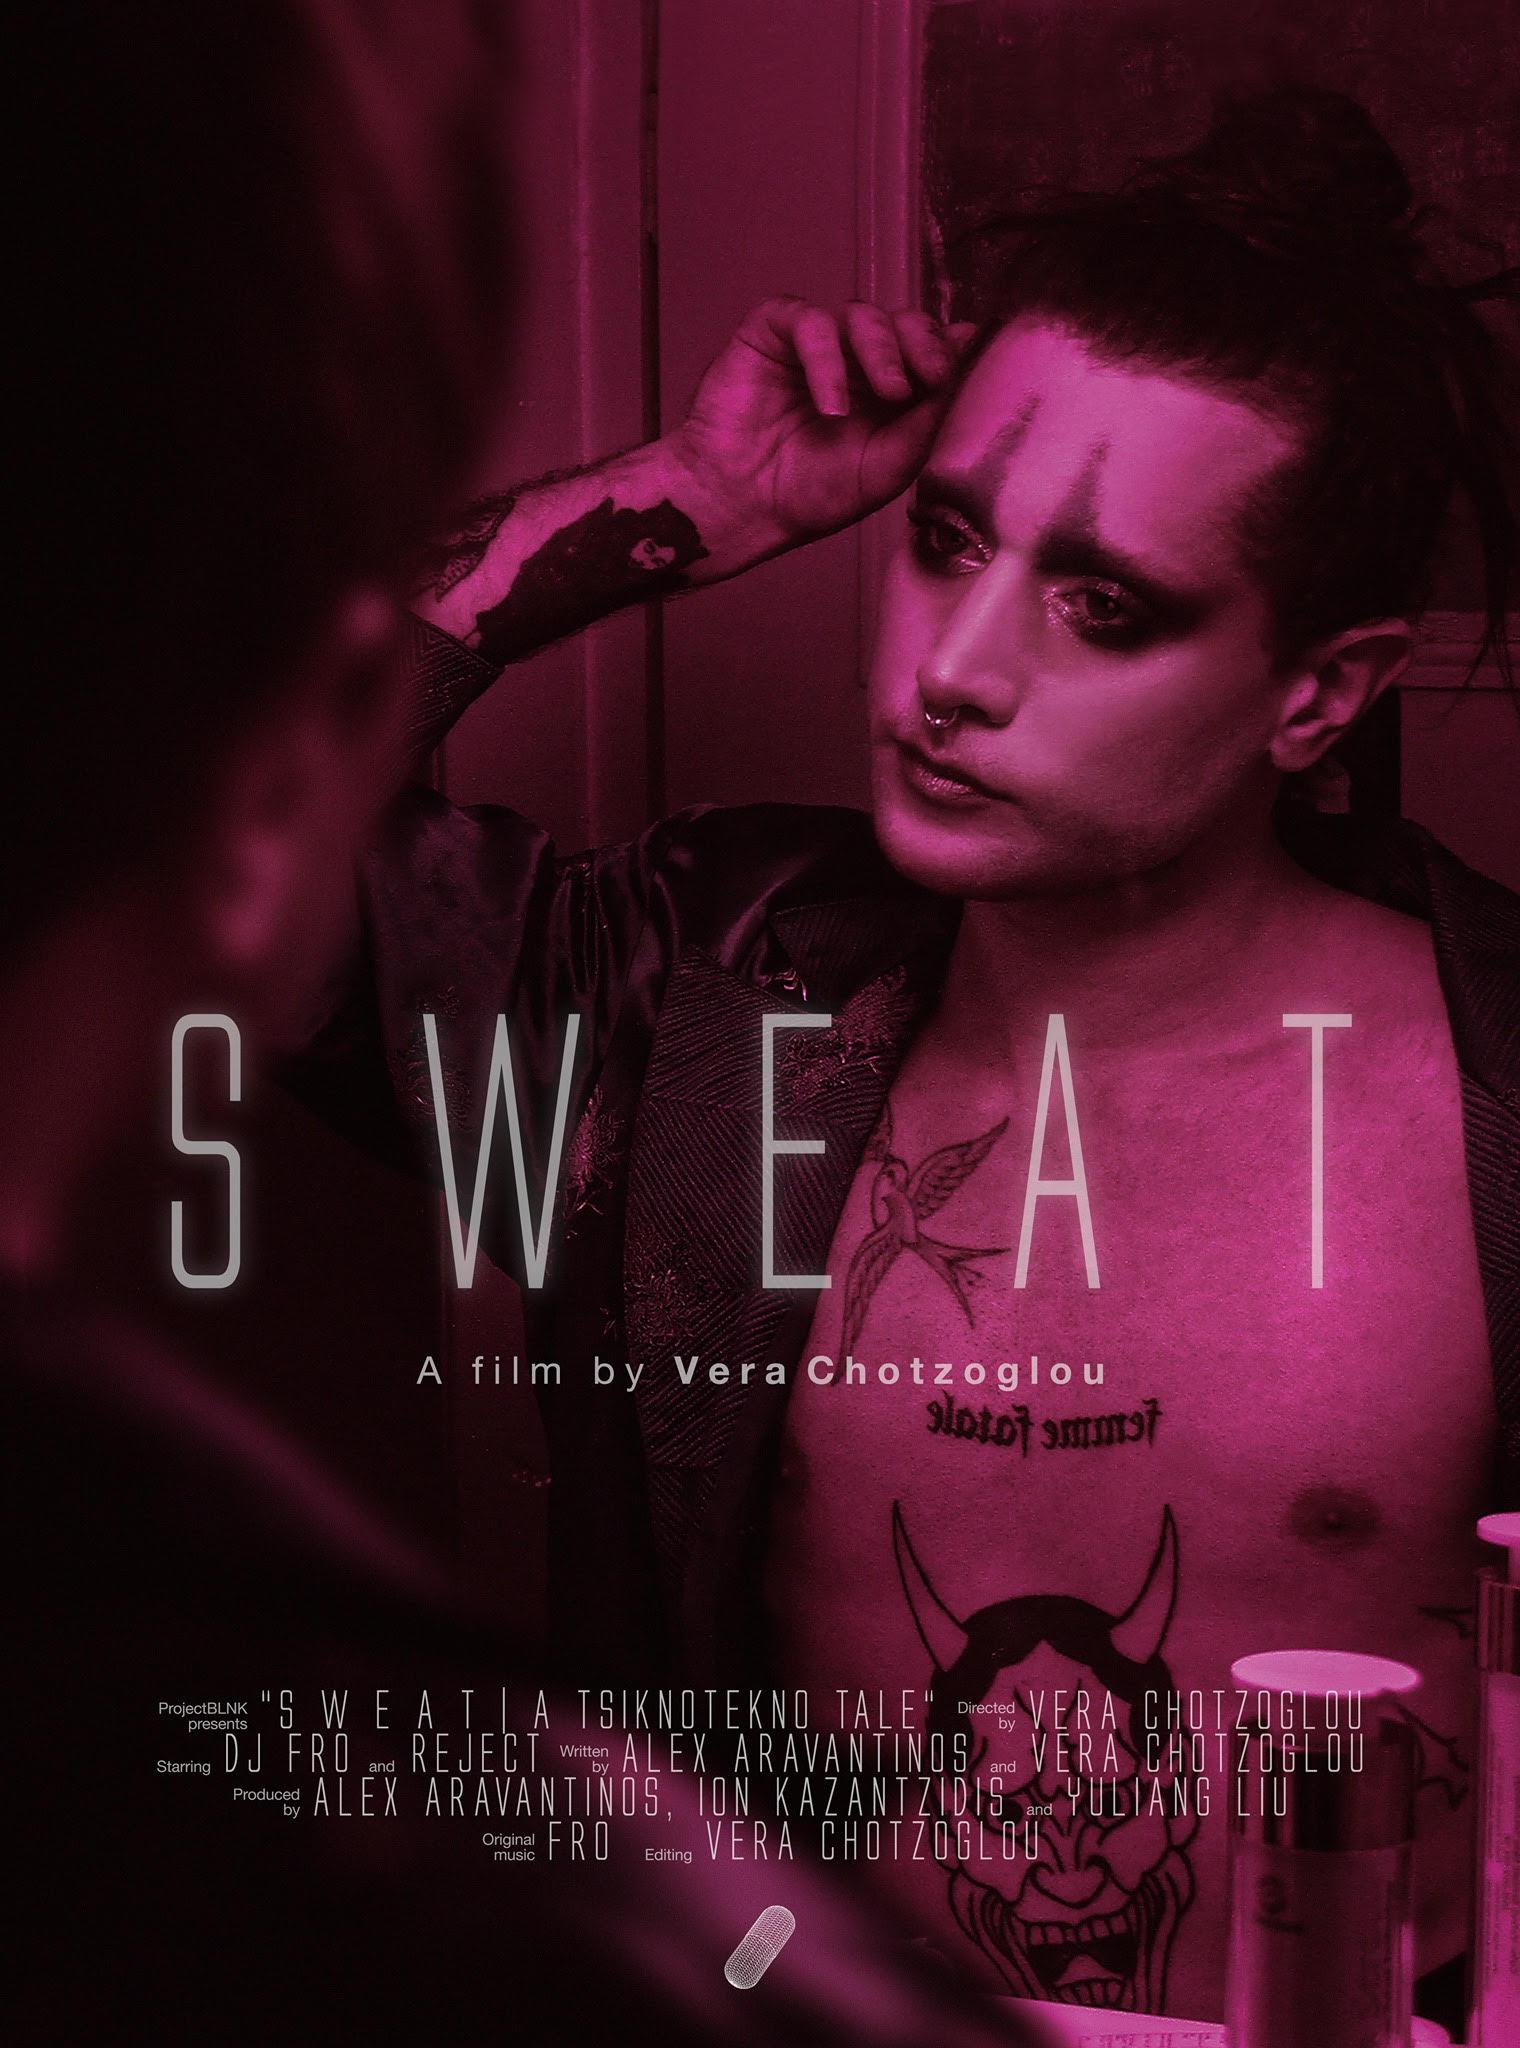 Αφίσα ταινίας, άτομο έντονα βαμμένο φτιάχνει τα μαλλιά του. Ροζ αποχρώσεις.